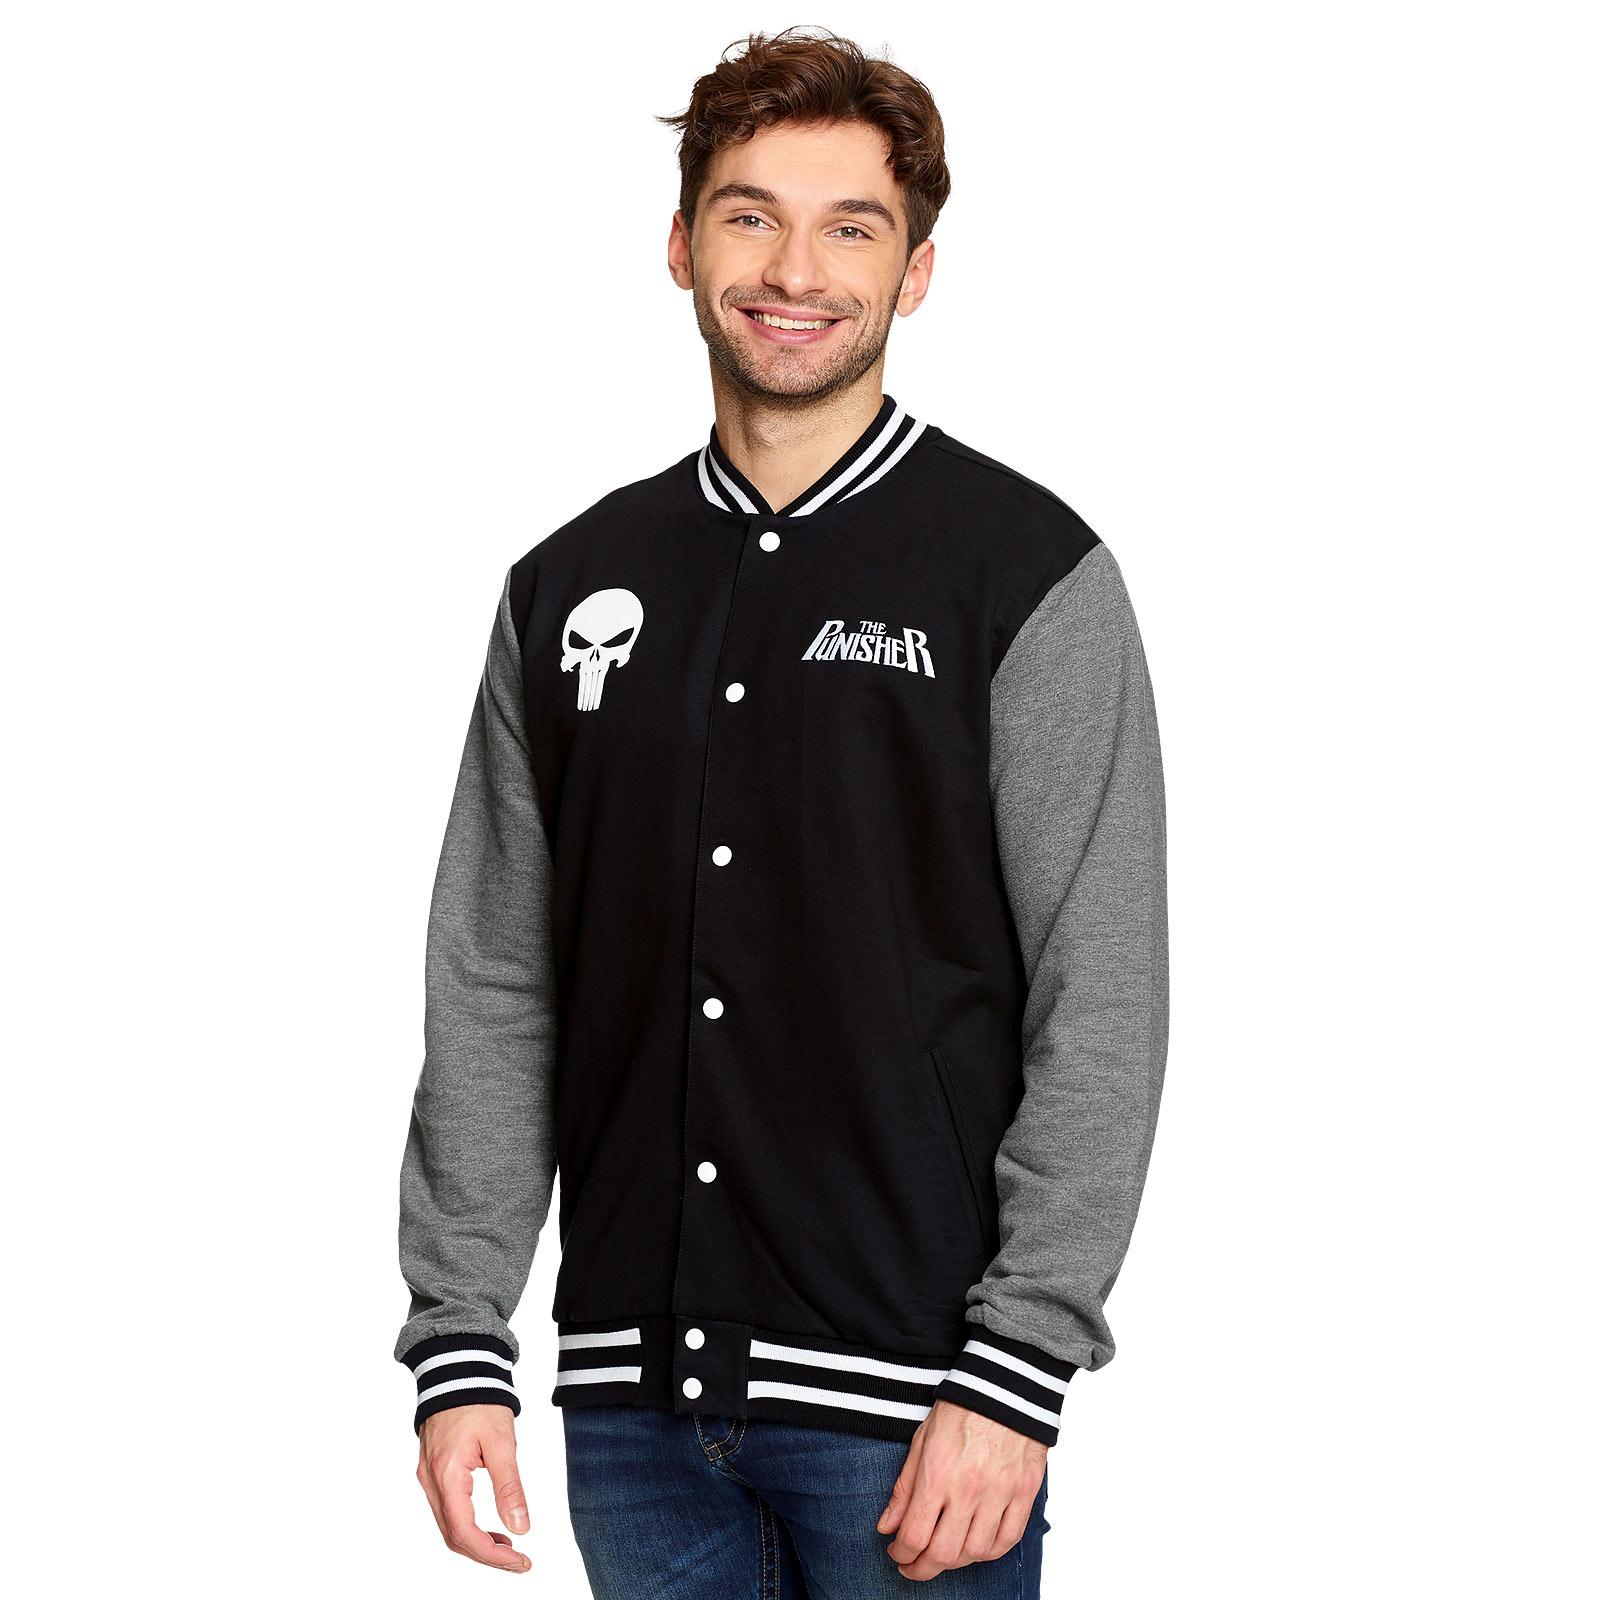 Punisher - Skull College Jacke schwarz-grau